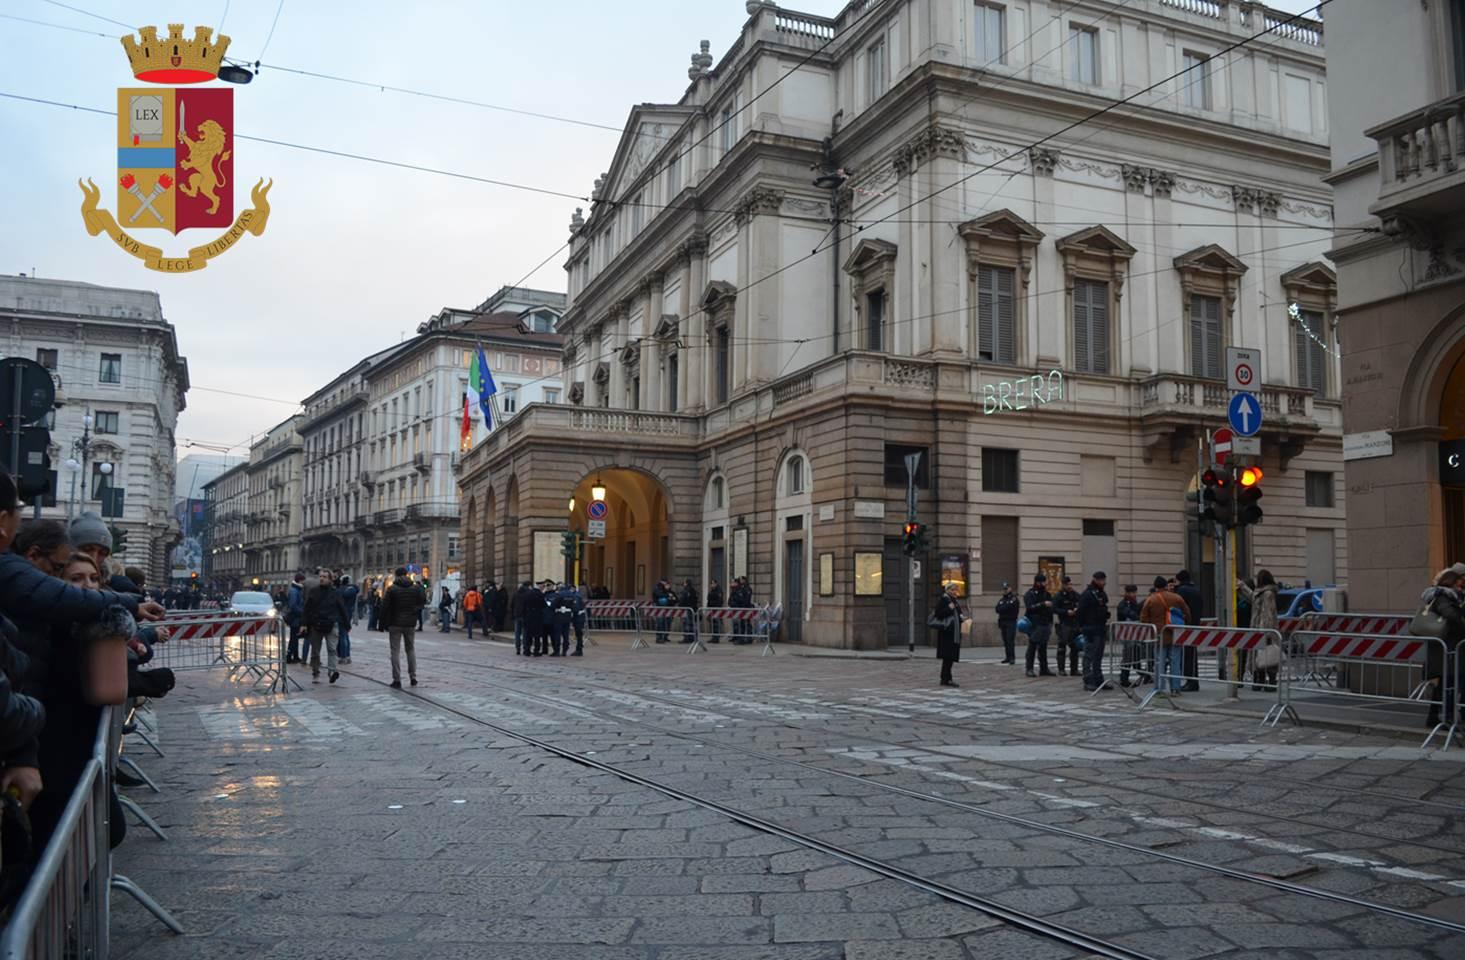 Polizia di Stato - Questure sul web - Milano